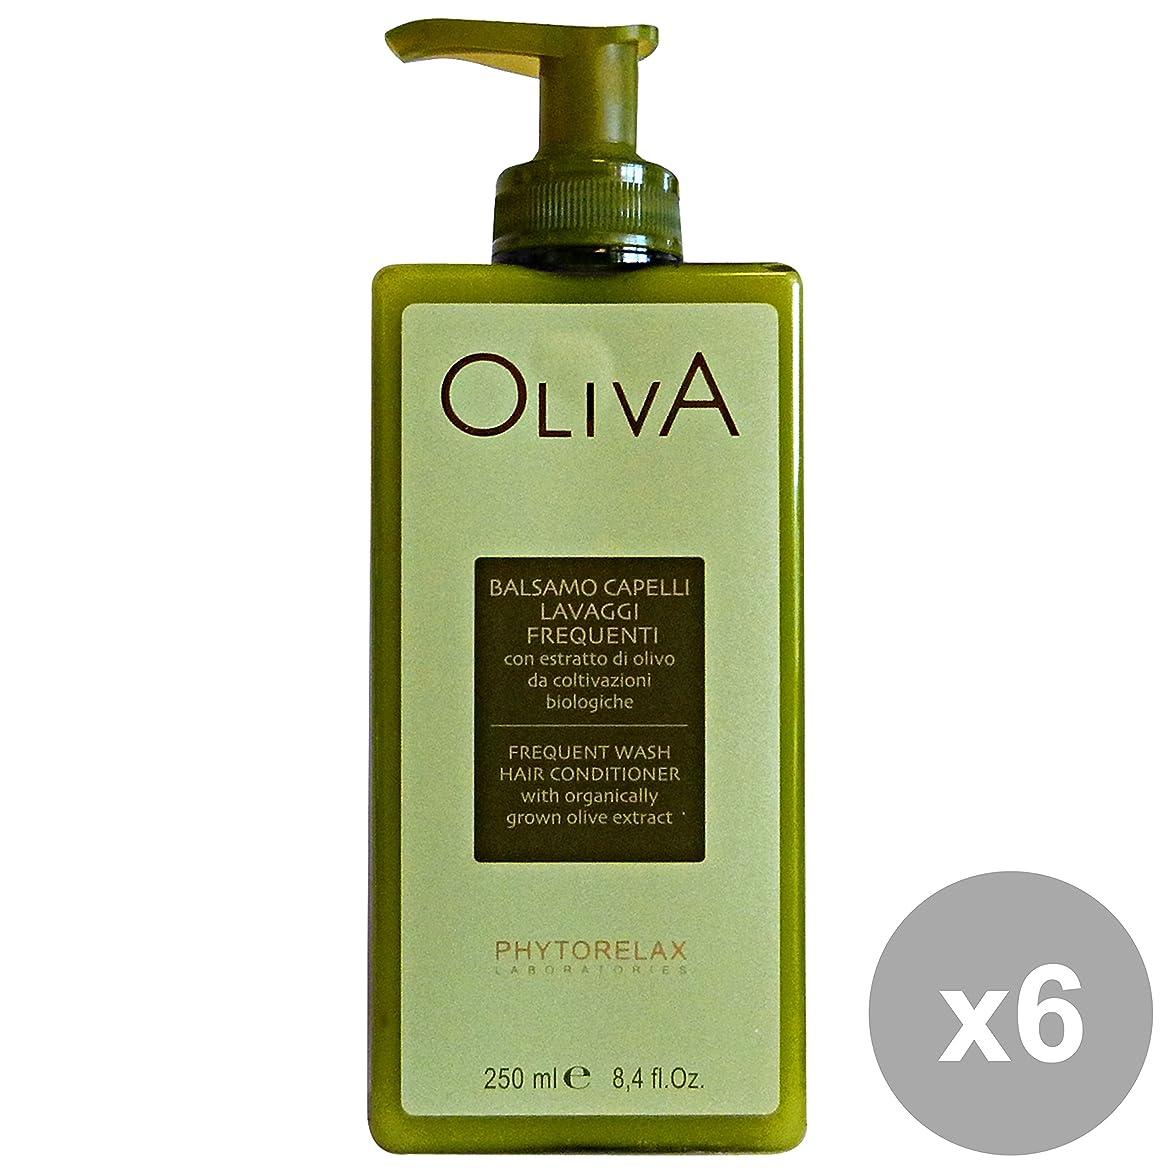 インシュレータ頑丈辞任6ファイトレラックスオリーブバームウォッシュを洗う頻度250 ML。髪のための製品